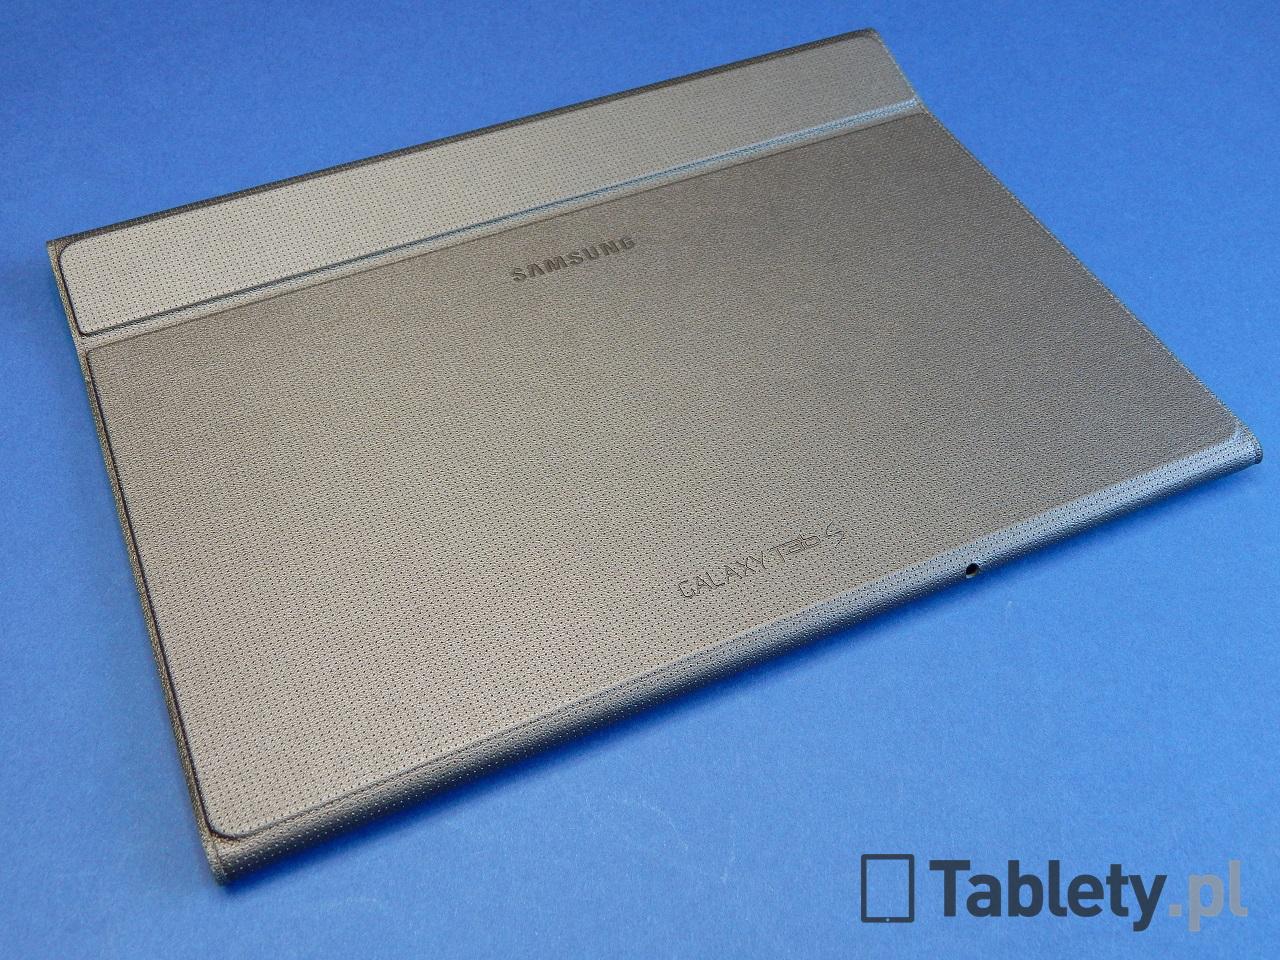 Samsung Galaxy Tab S 10.5 12